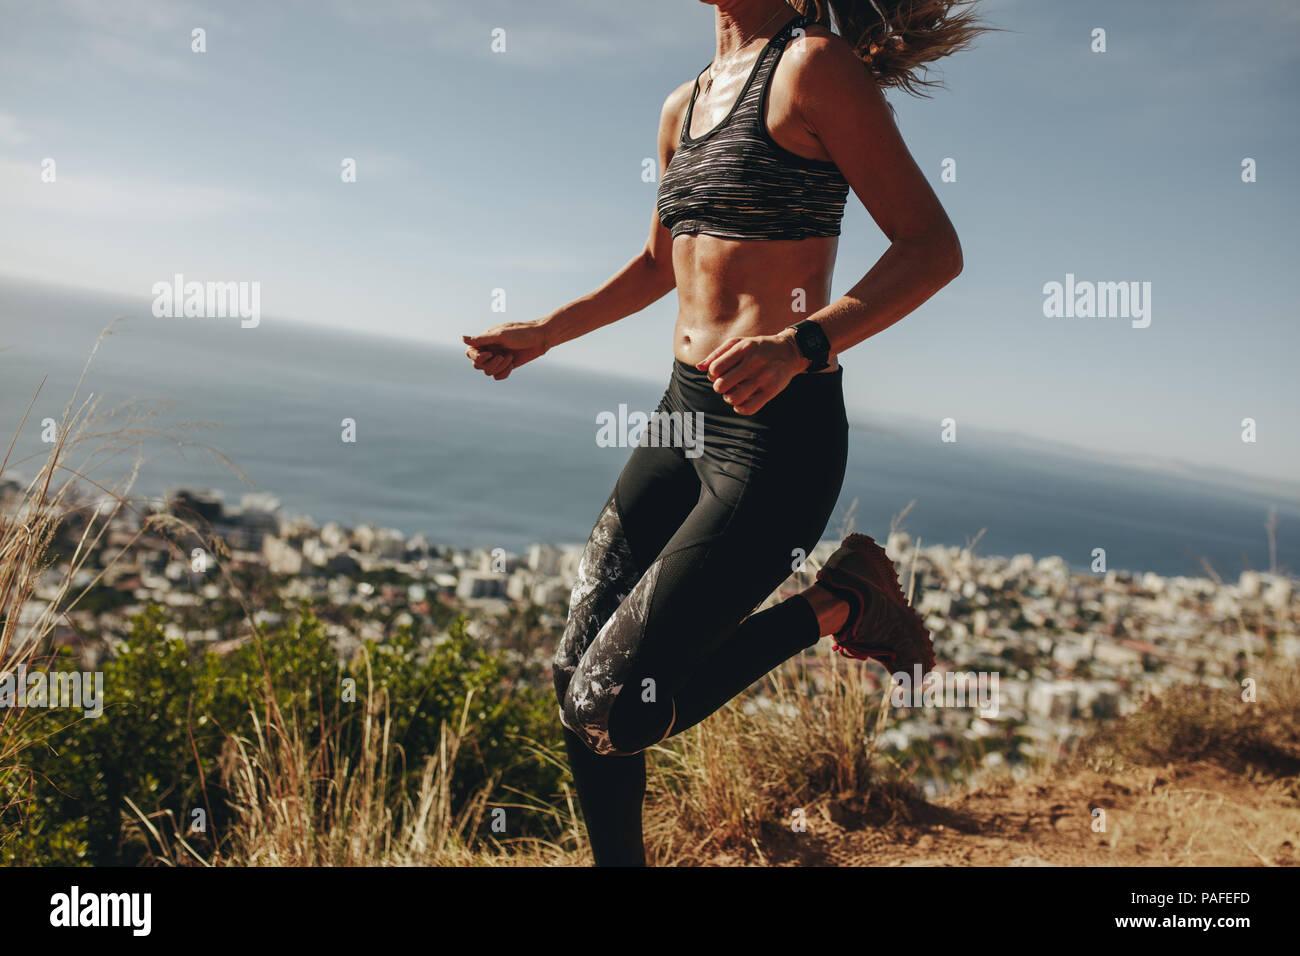 Mujer saludable esprinta por camino de montaña. Mujeres haciendo ejercicio corriendo en ruta a través de la colina. Captura recortada. Imagen De Stock